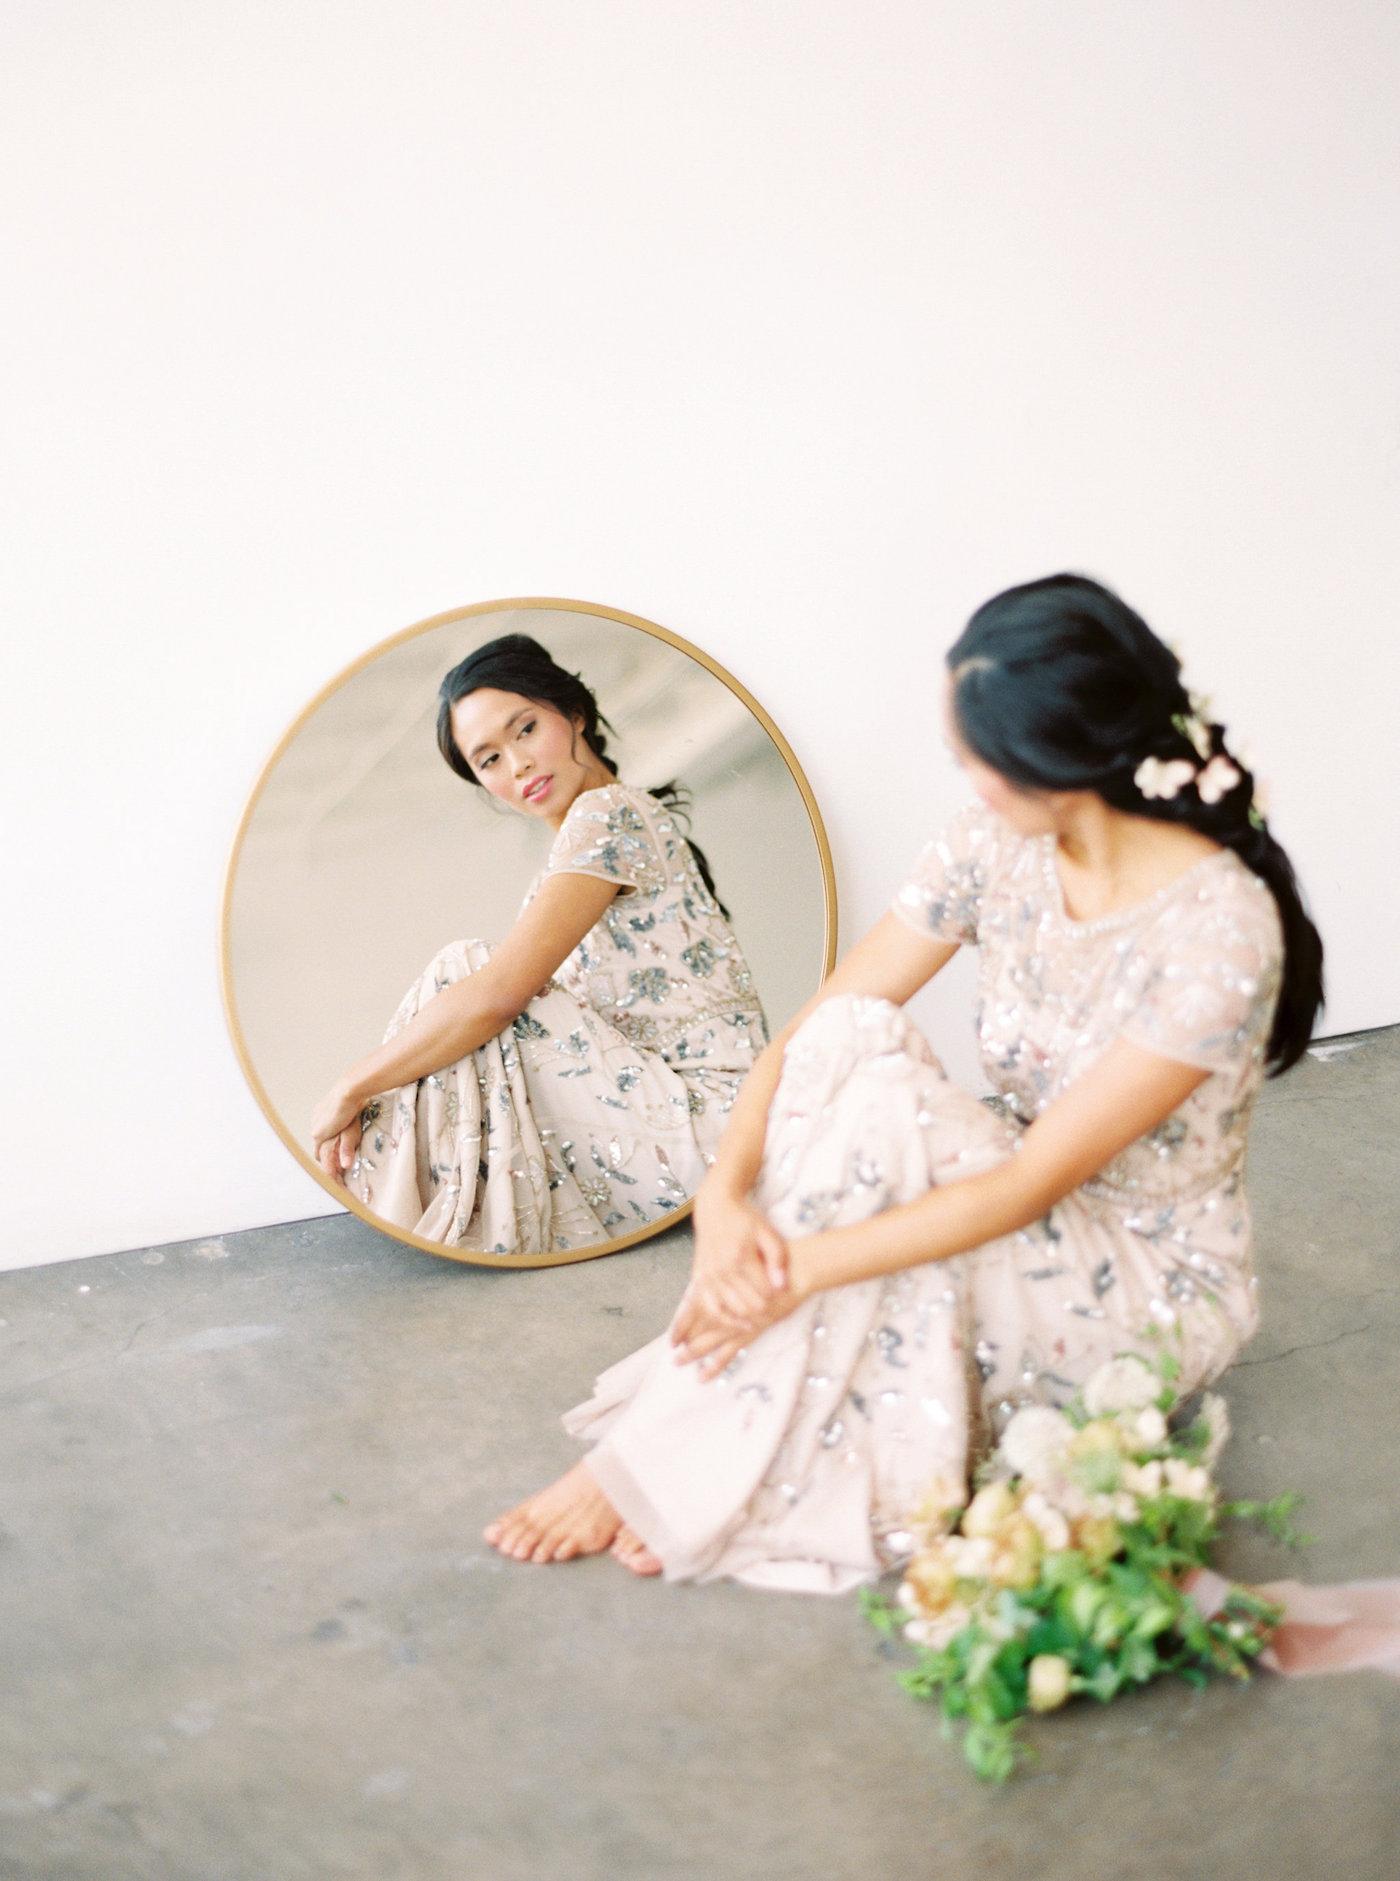 meiwenwang-kohnur-65.jpg